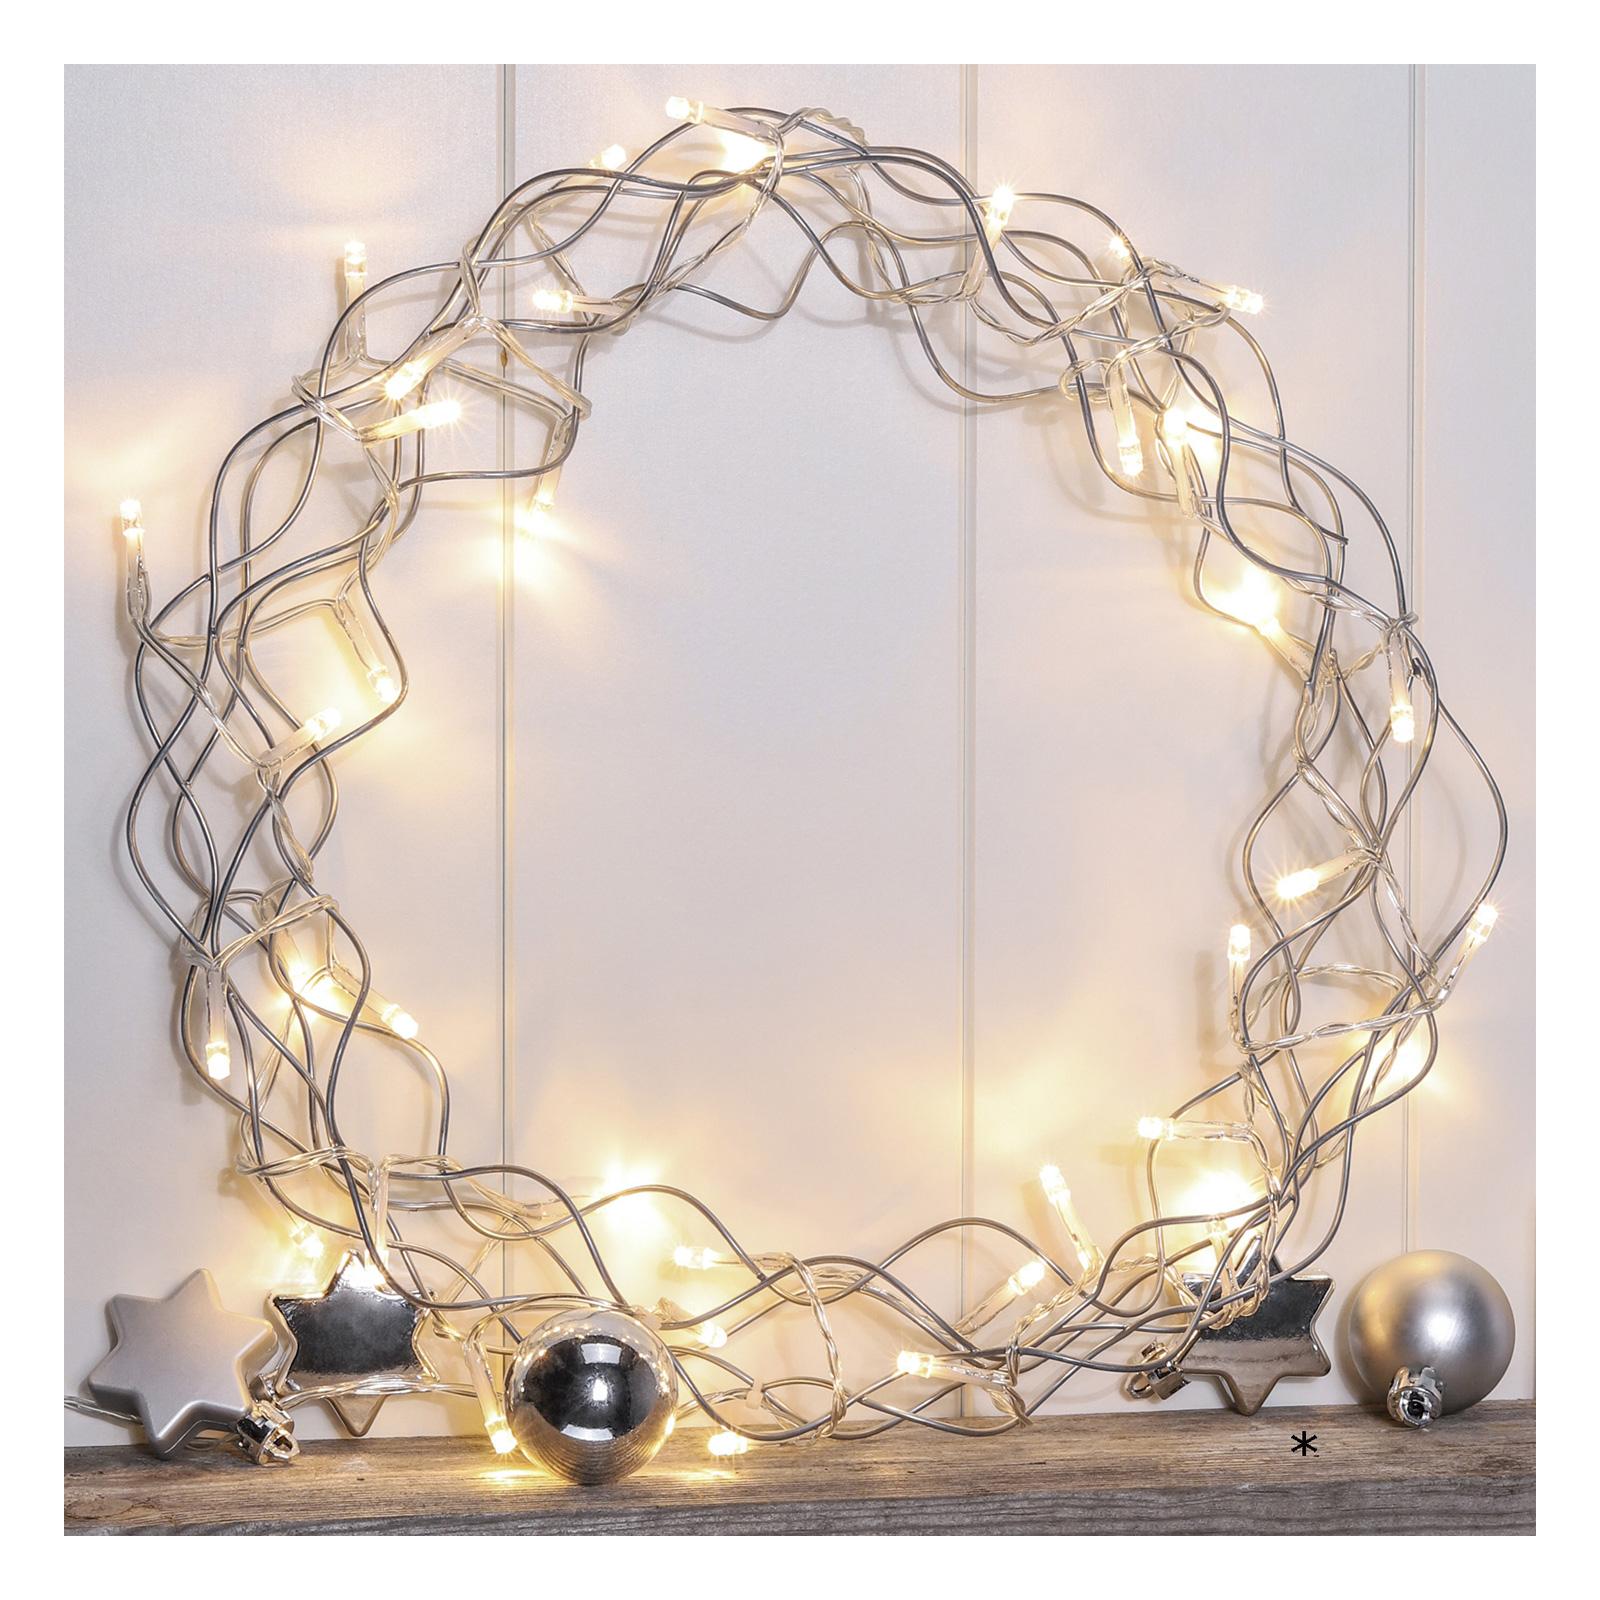 Weihnachtsbeleuchtung Kranz.Beleuchteter Türkranz Led Metall Kranz Weihnachtsbeleuchtung